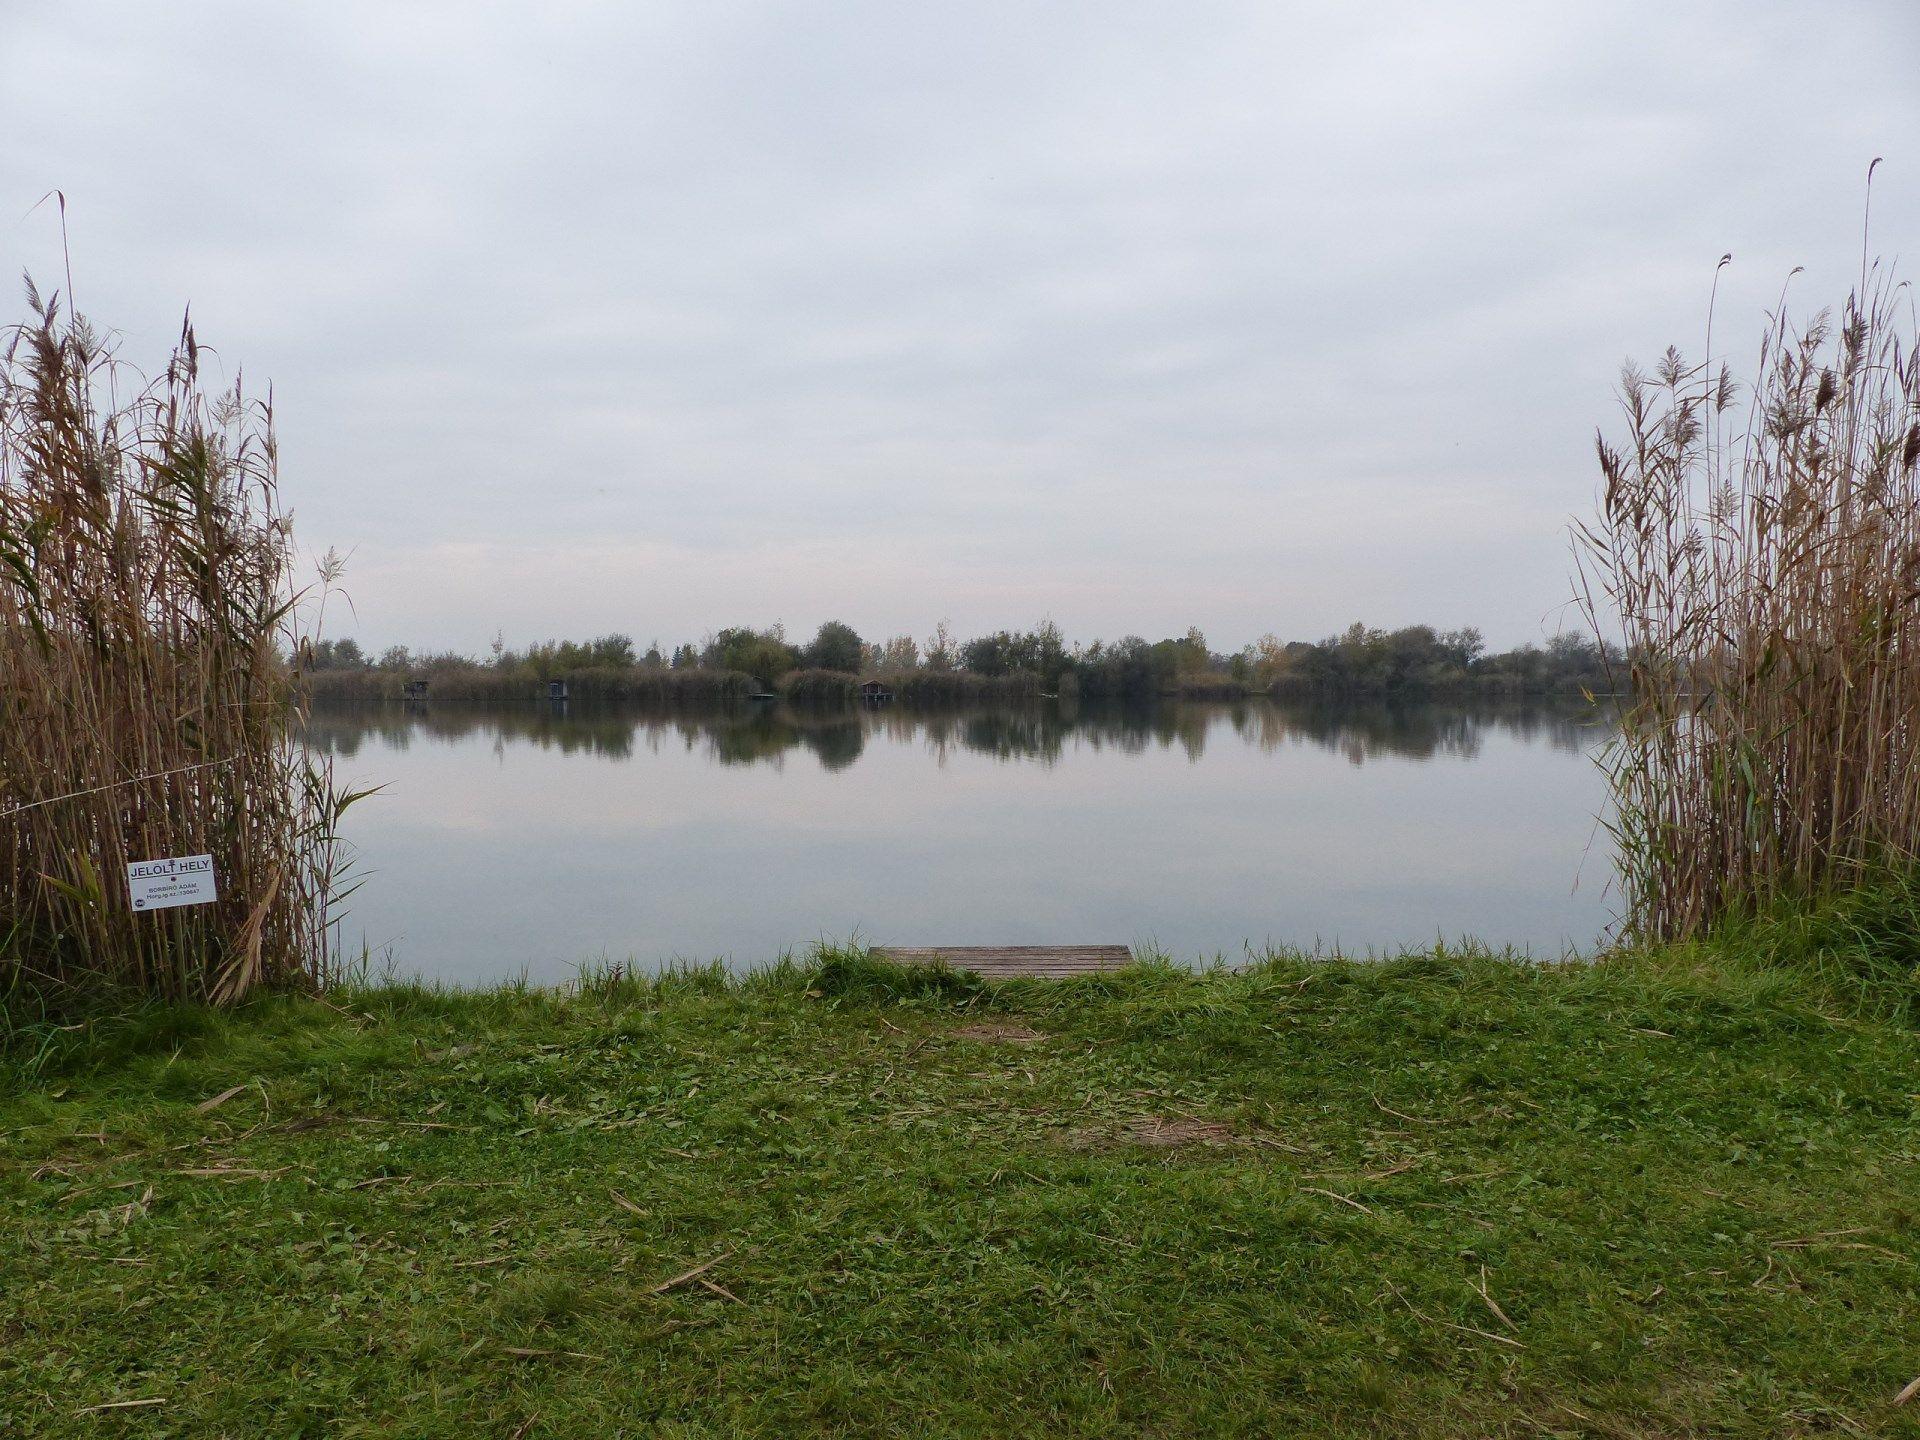 Horgászatom helyszíne a Csaba-tó. Kedvenc horgászhelyem durván a tó középső részénél helyezkedik el